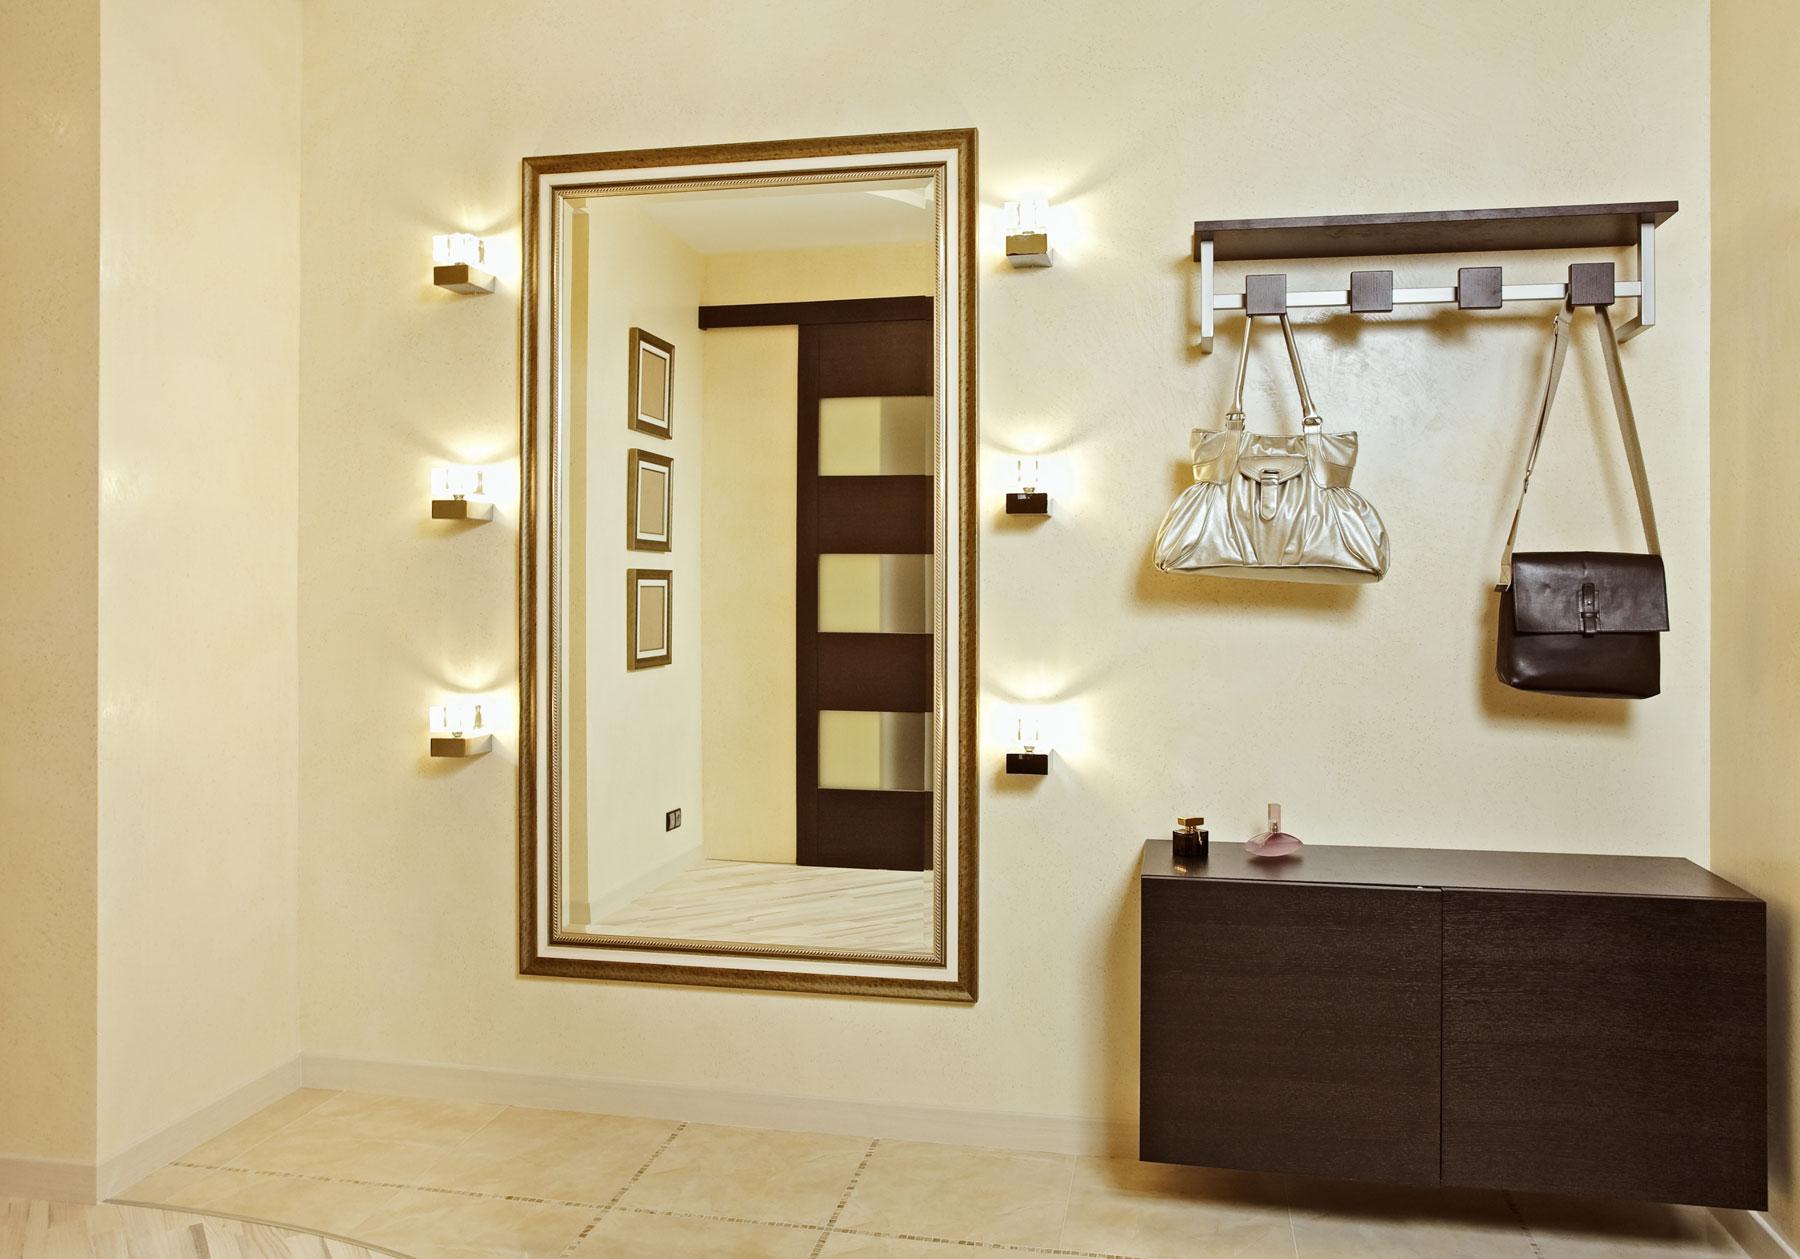 зеркало в прихожей по фен шуй в квартире